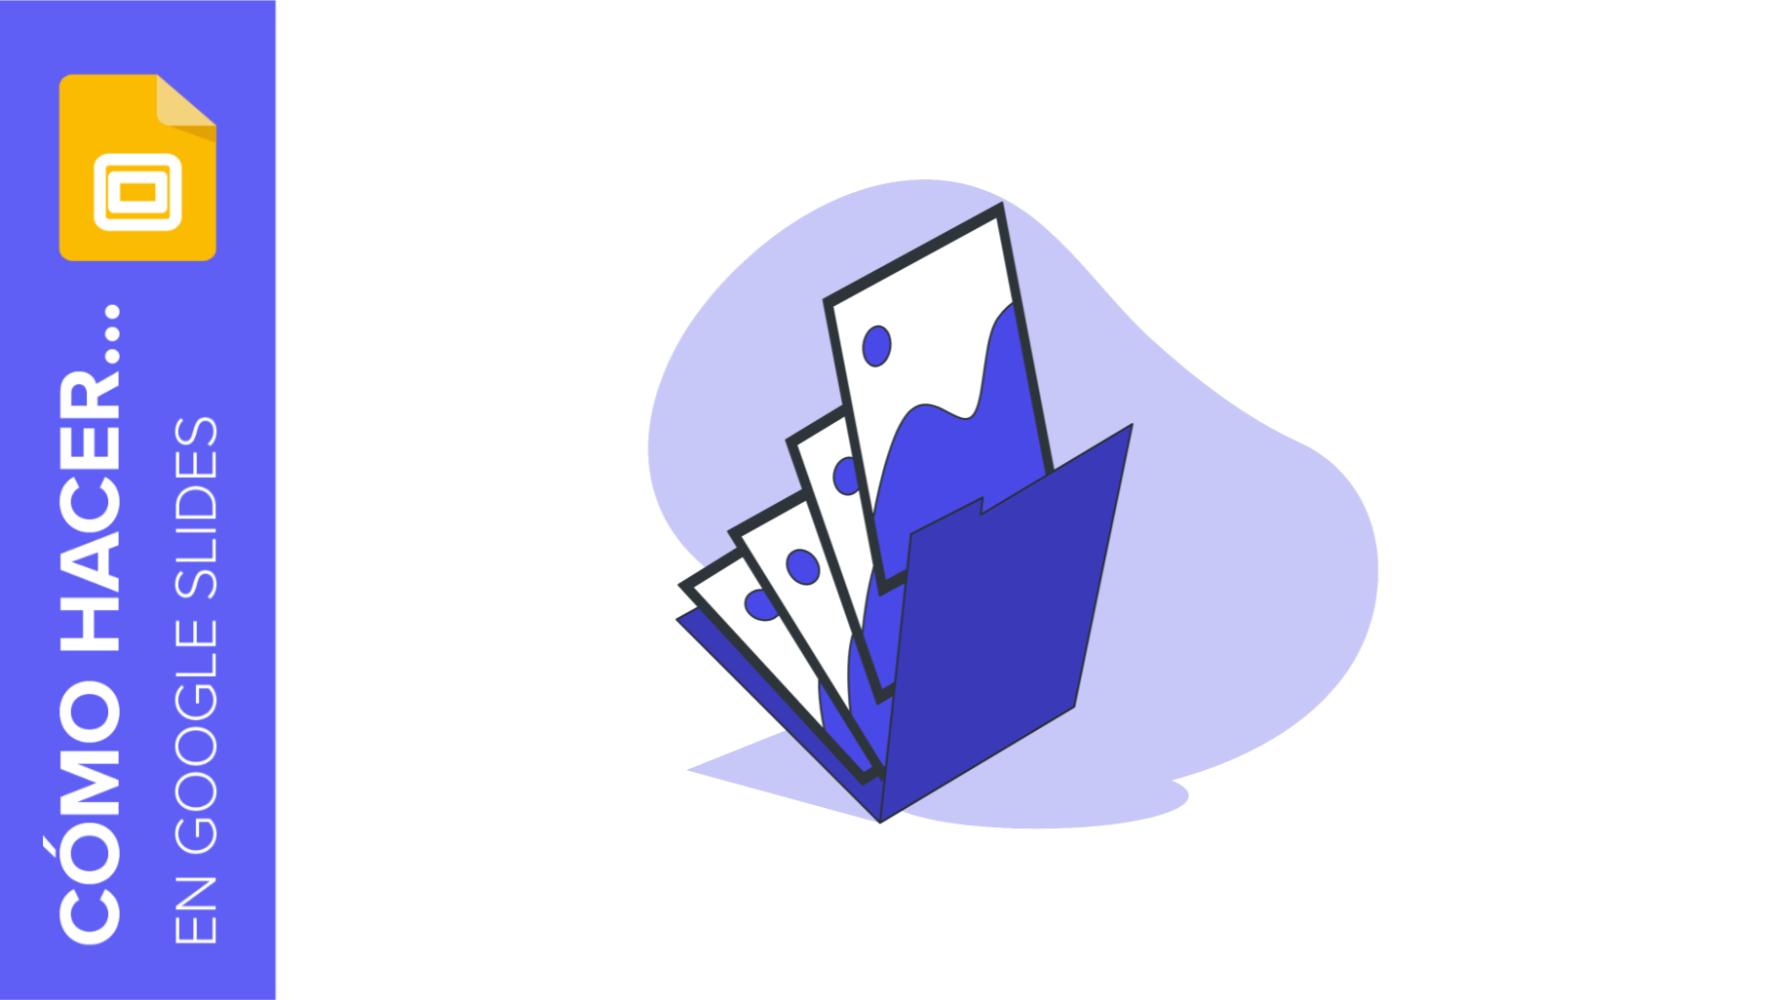 Cómo hacer transparente una imagen en Google Slides | Tutoriales y Tips para tus presentaciones